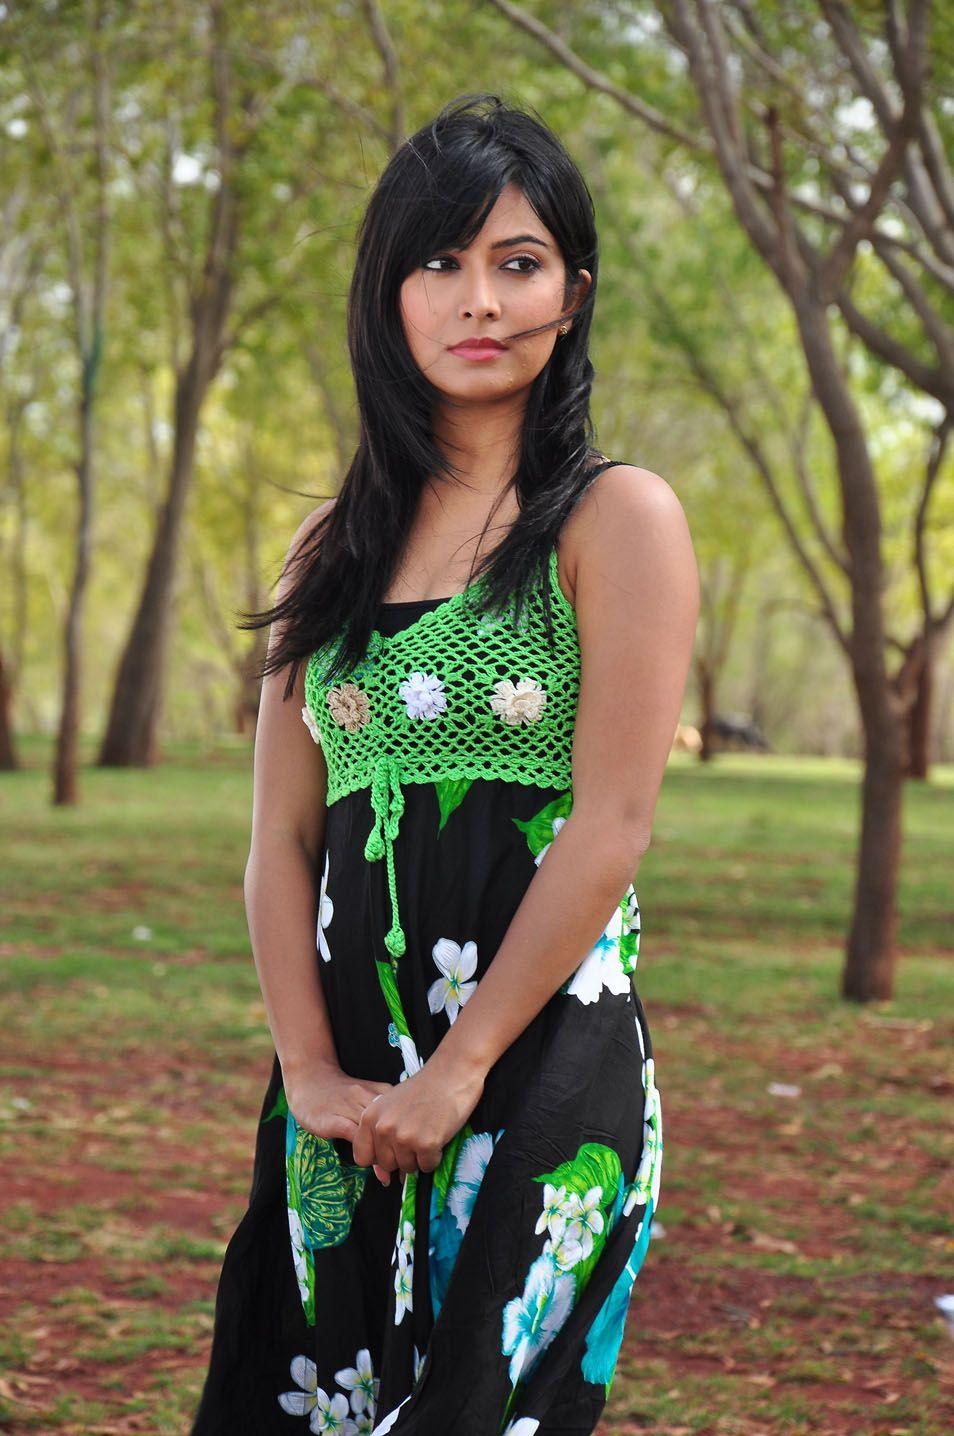 radhika pandit date of birth